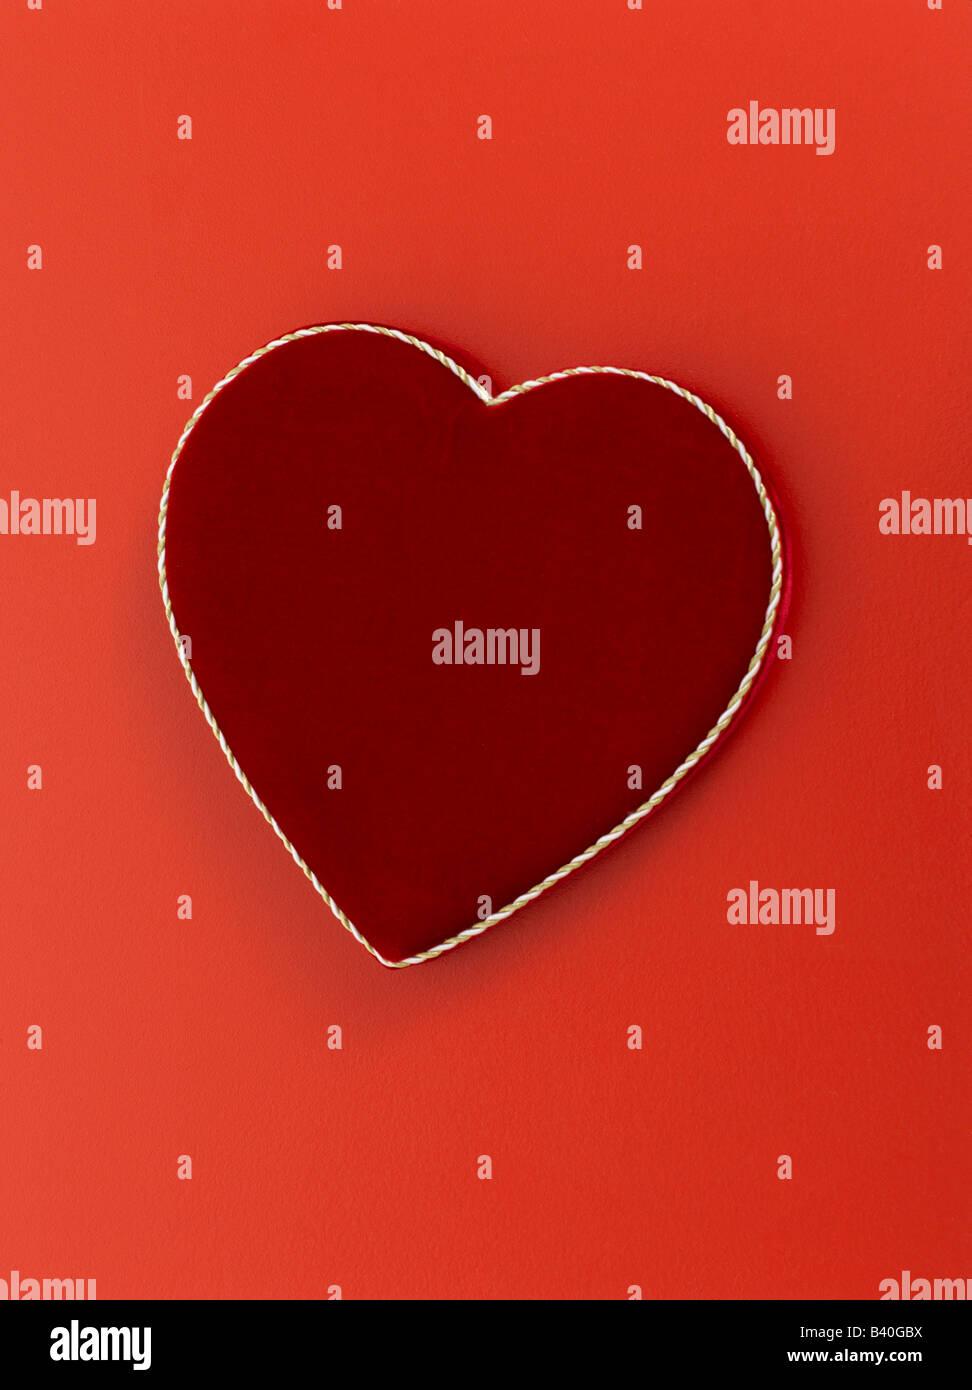 Herzform Valentinstag Schokolade Feld Auf Rotem Grund